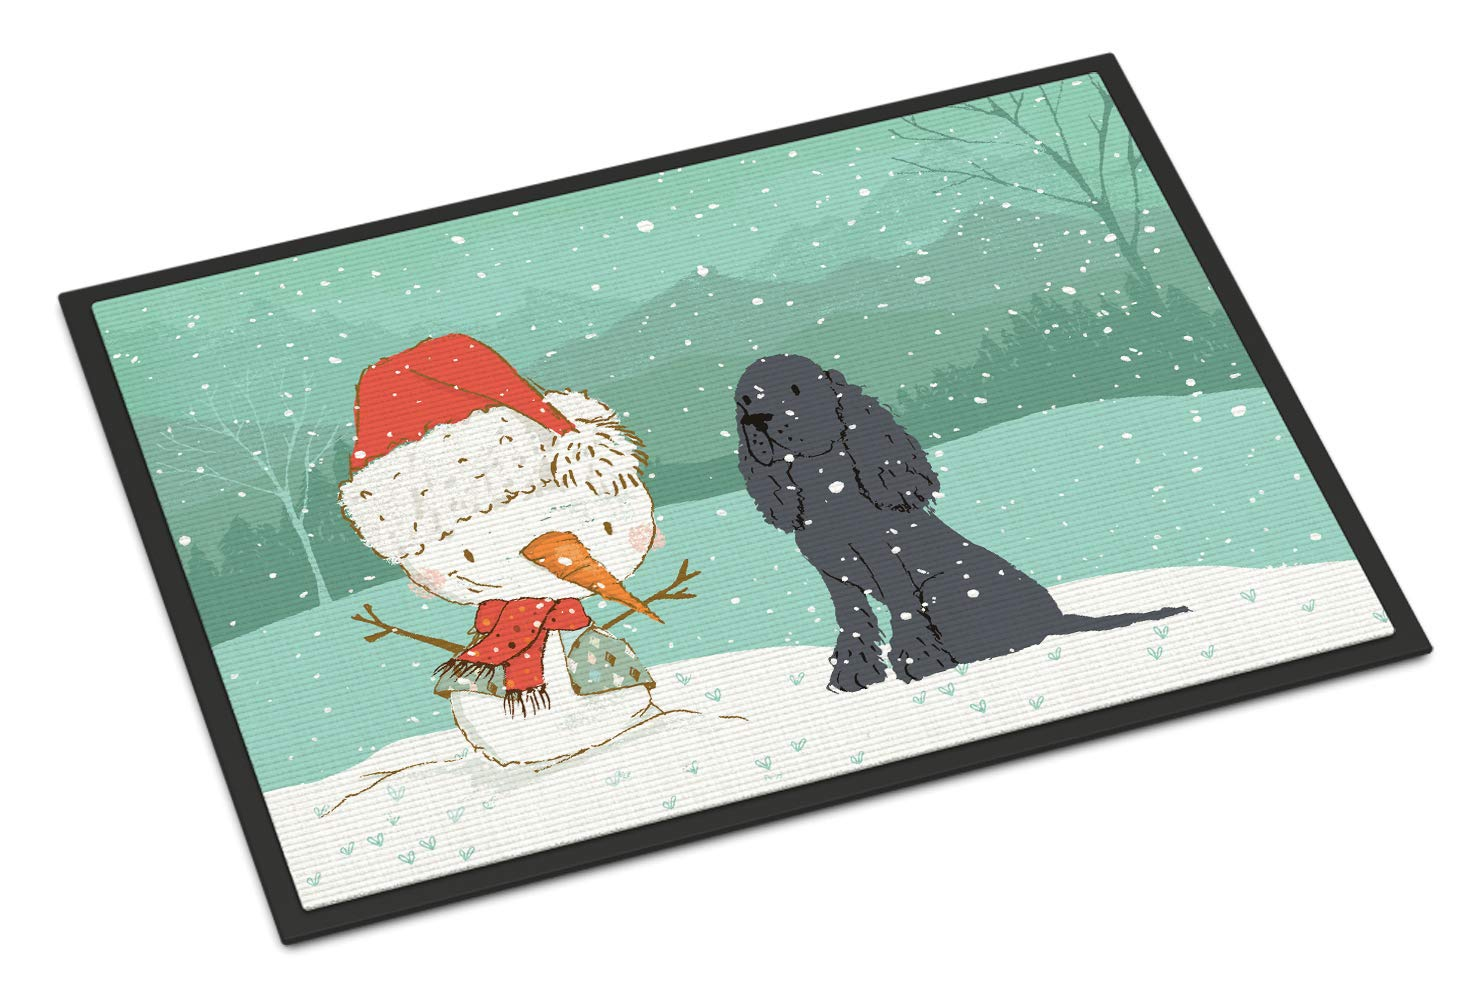 Carolines Treasures Welcome Friends Scottish Terrier Doormat 24hx36w Multicolor